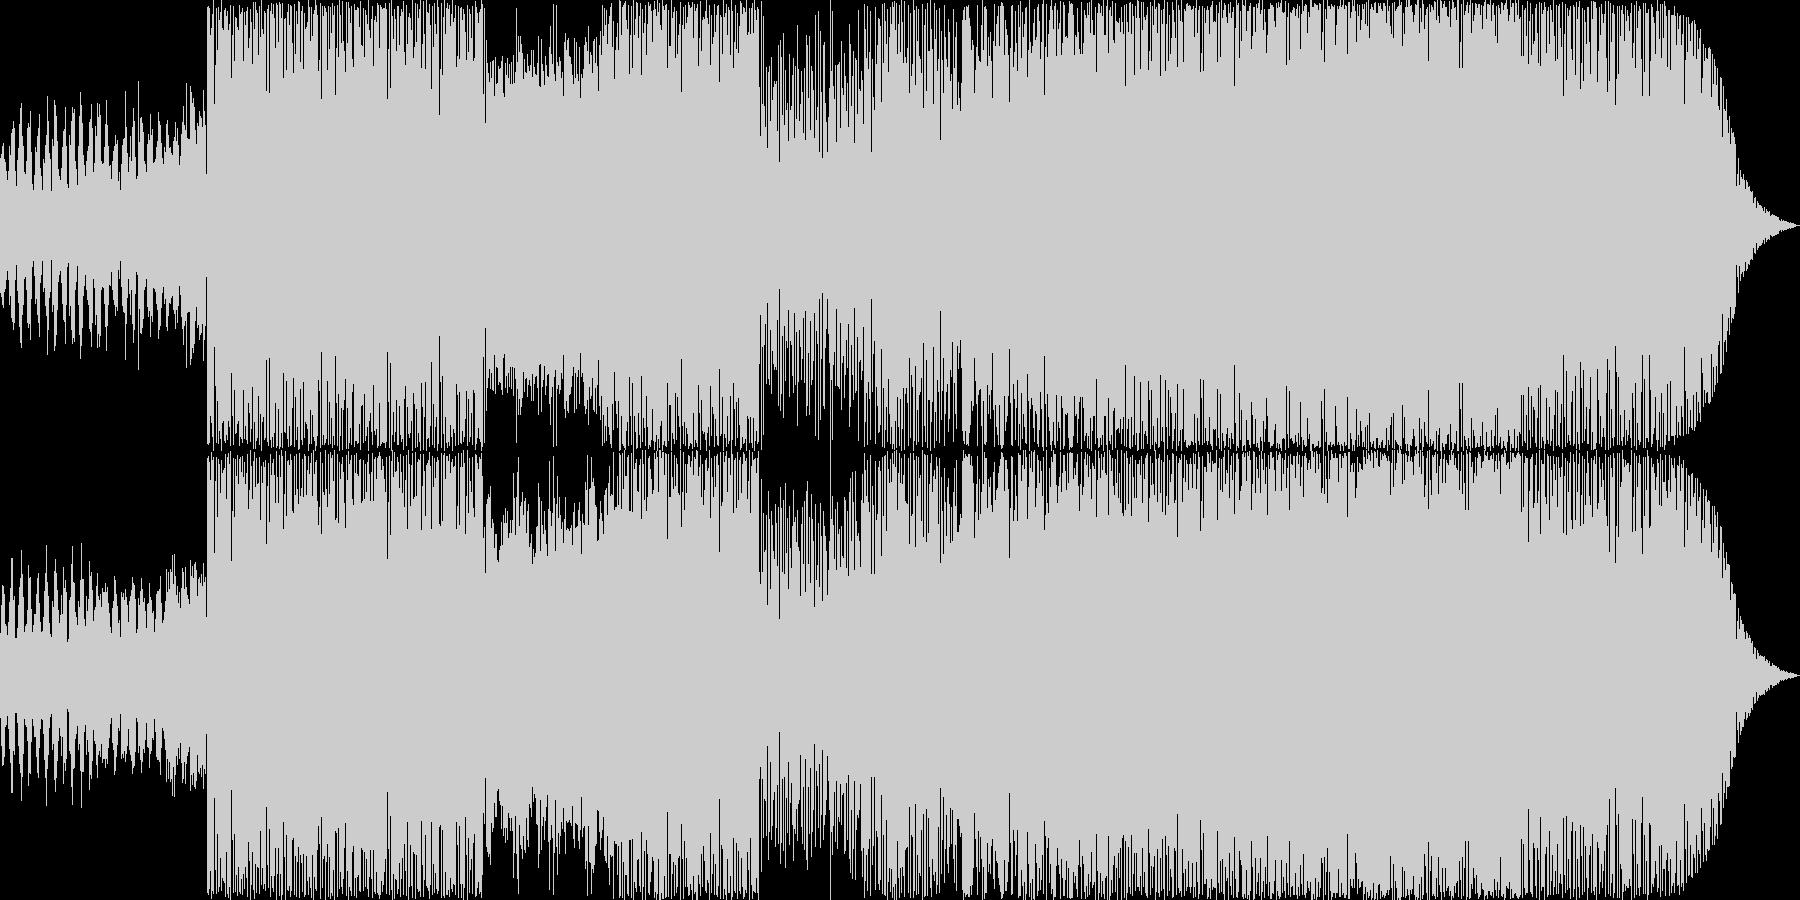 浮遊感と疾走感のあるドラムンベースの未再生の波形